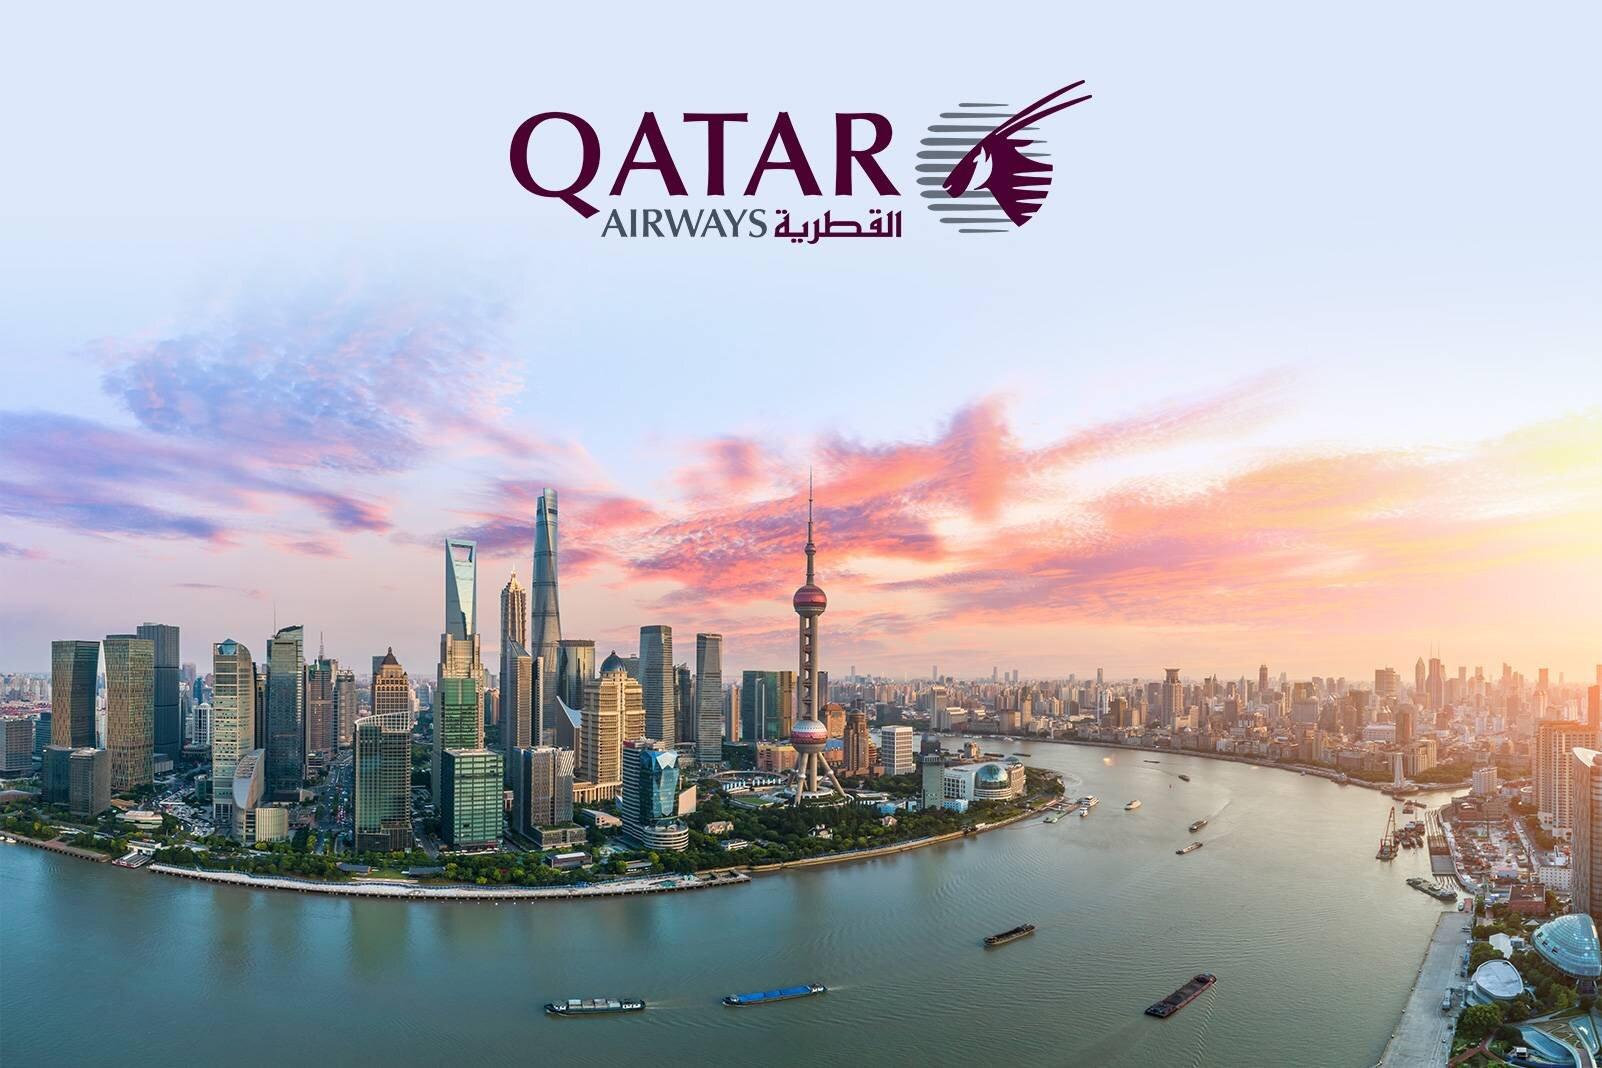 Qatar Airways ile Benzersiz Bir Maceraya Uçun!